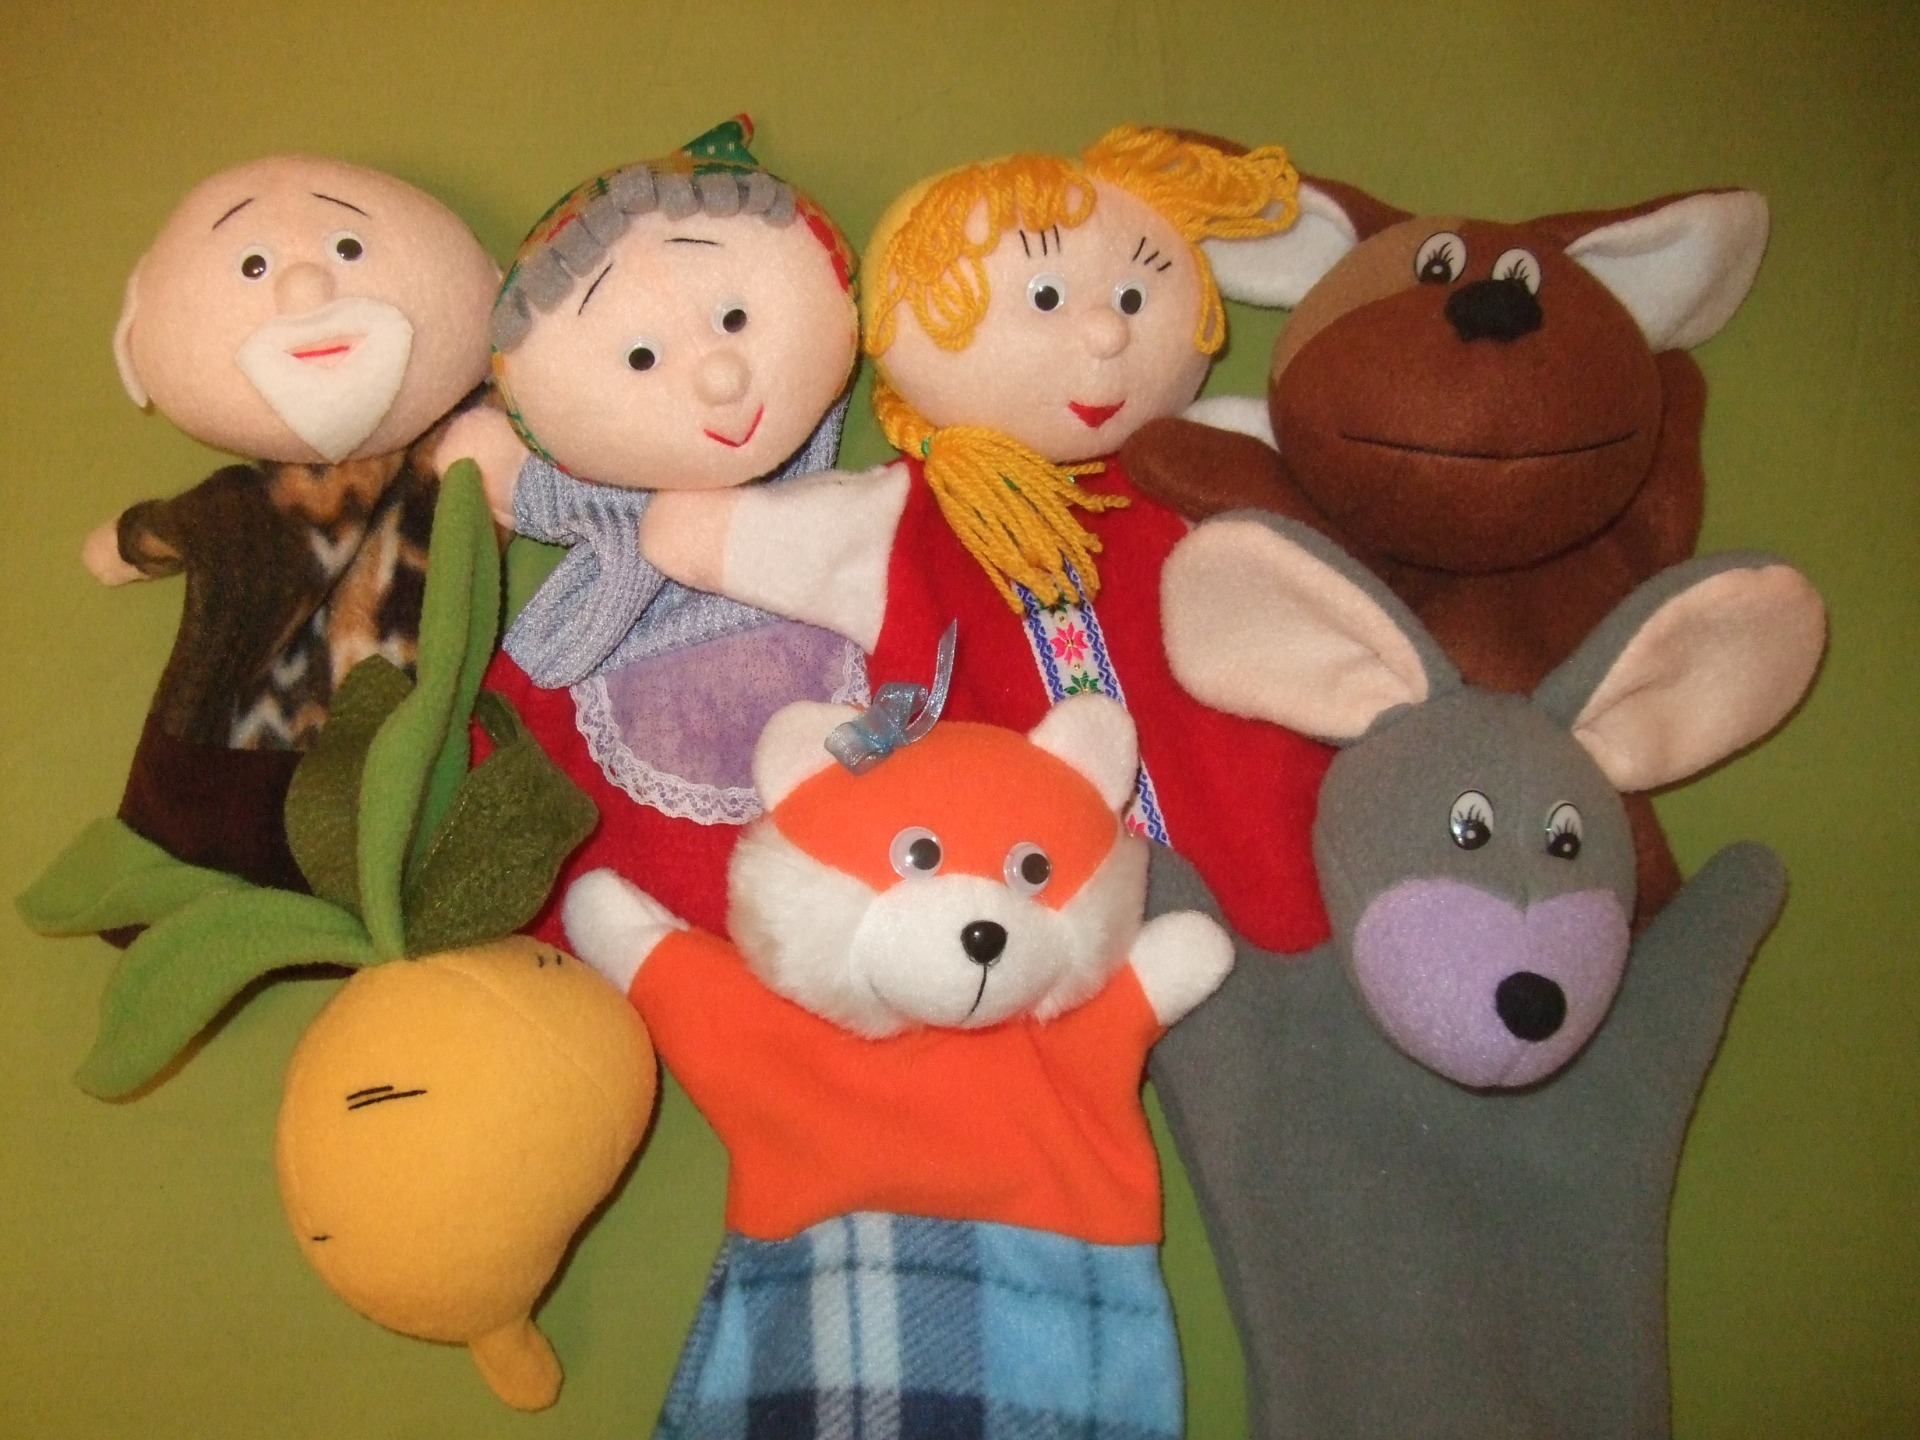 Игрушки перчатки для кукольного театра своими руками фото 731